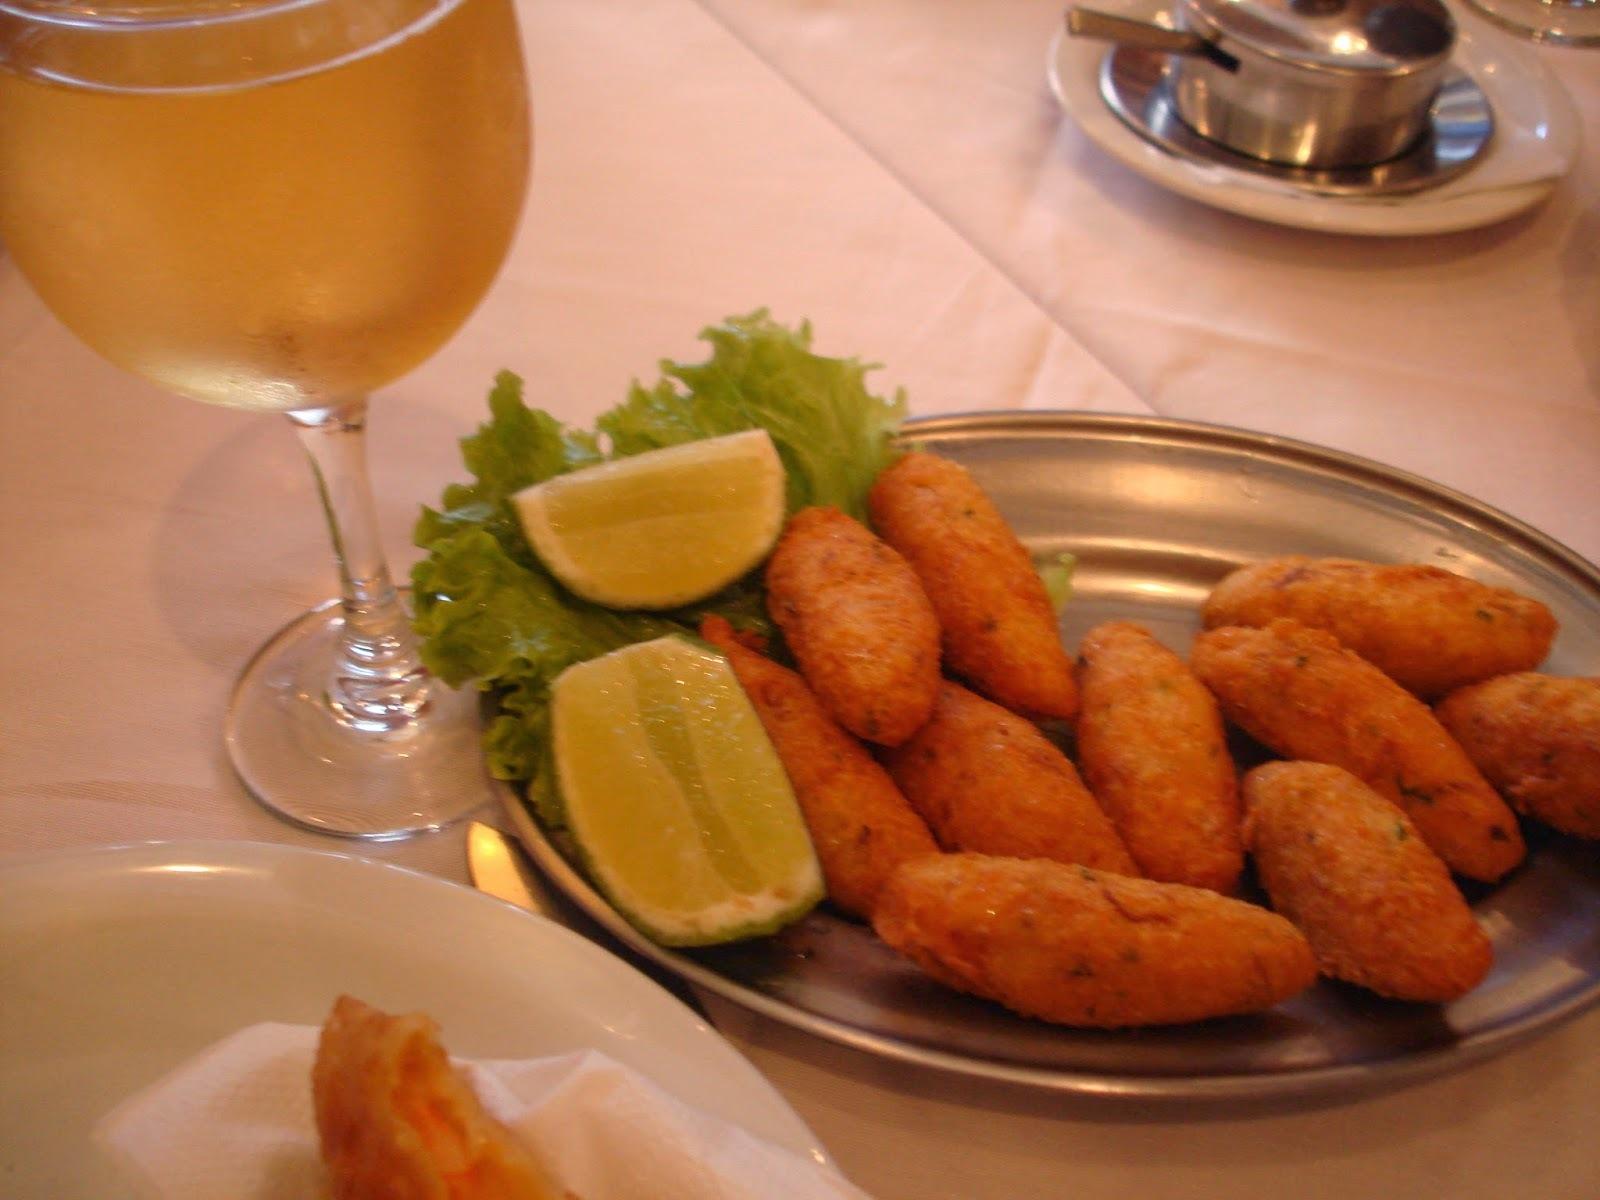 Bolinhos para Todos os Gostos - Aipim, Camarão, Carne, Queijo, Milho, Bacalhau, Arroz... - Todos Deliciosos!)